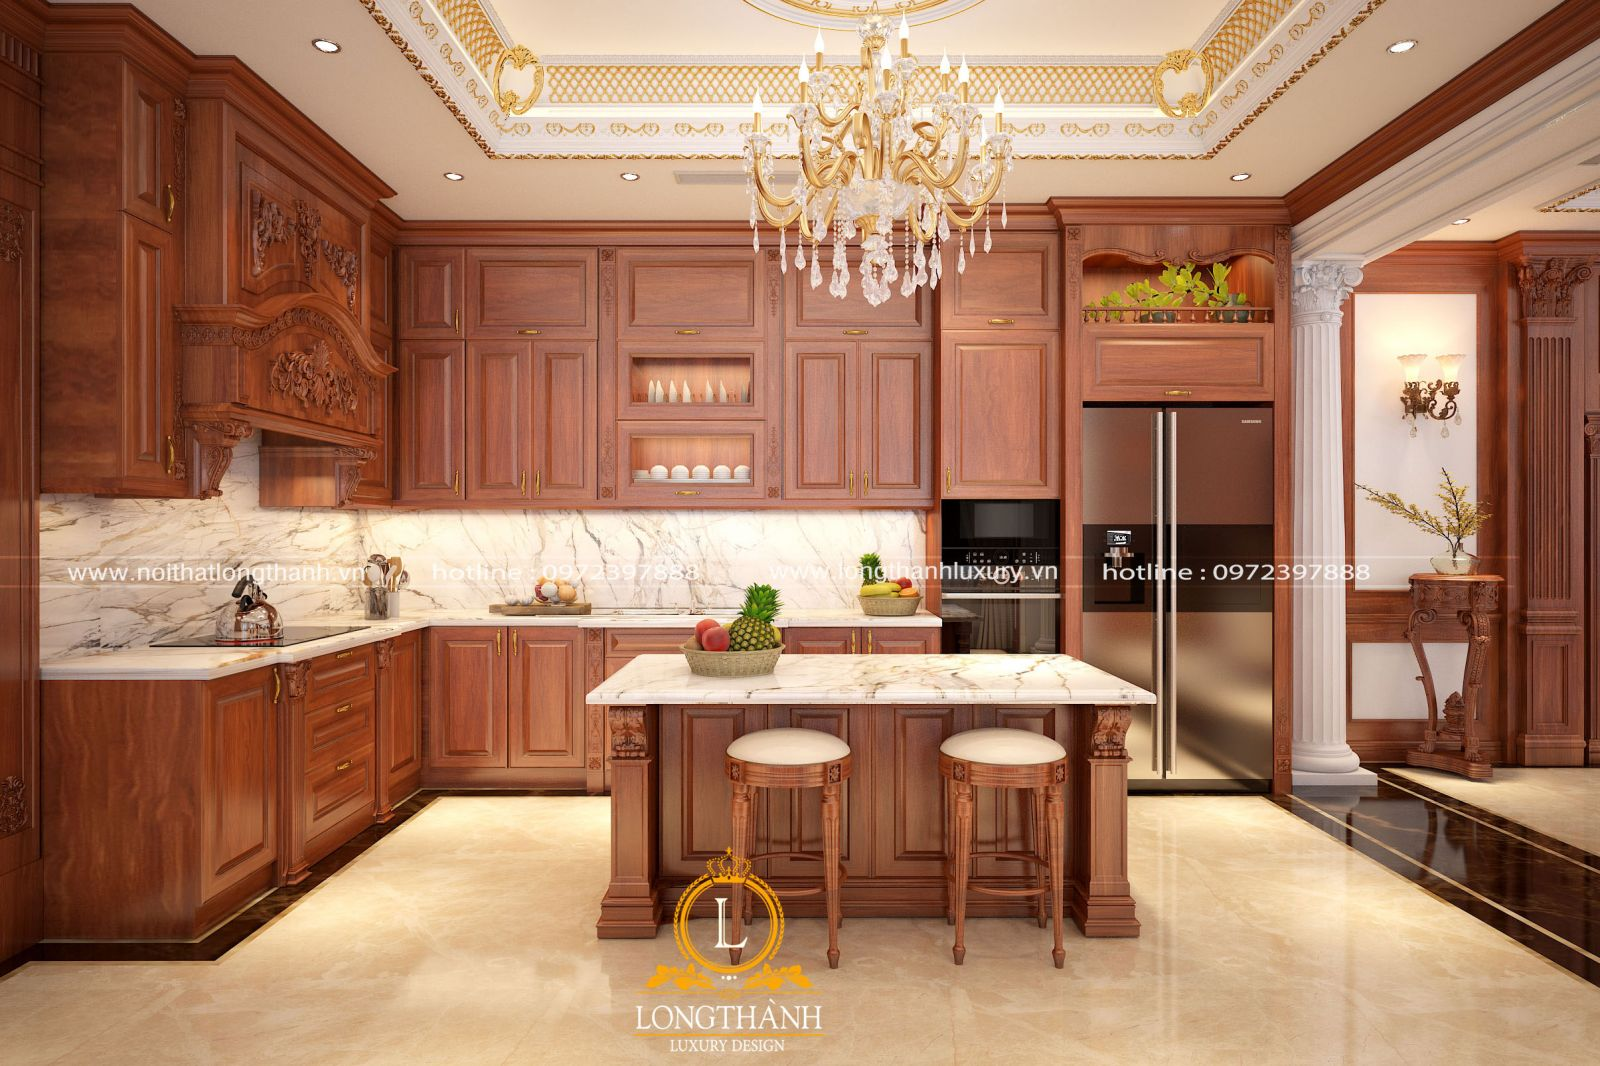 Mẫu tủ bếp tân cổ điển chạm khắc tinh tế  và  vô cùng nổi bật cùng hệ đèn trang trí